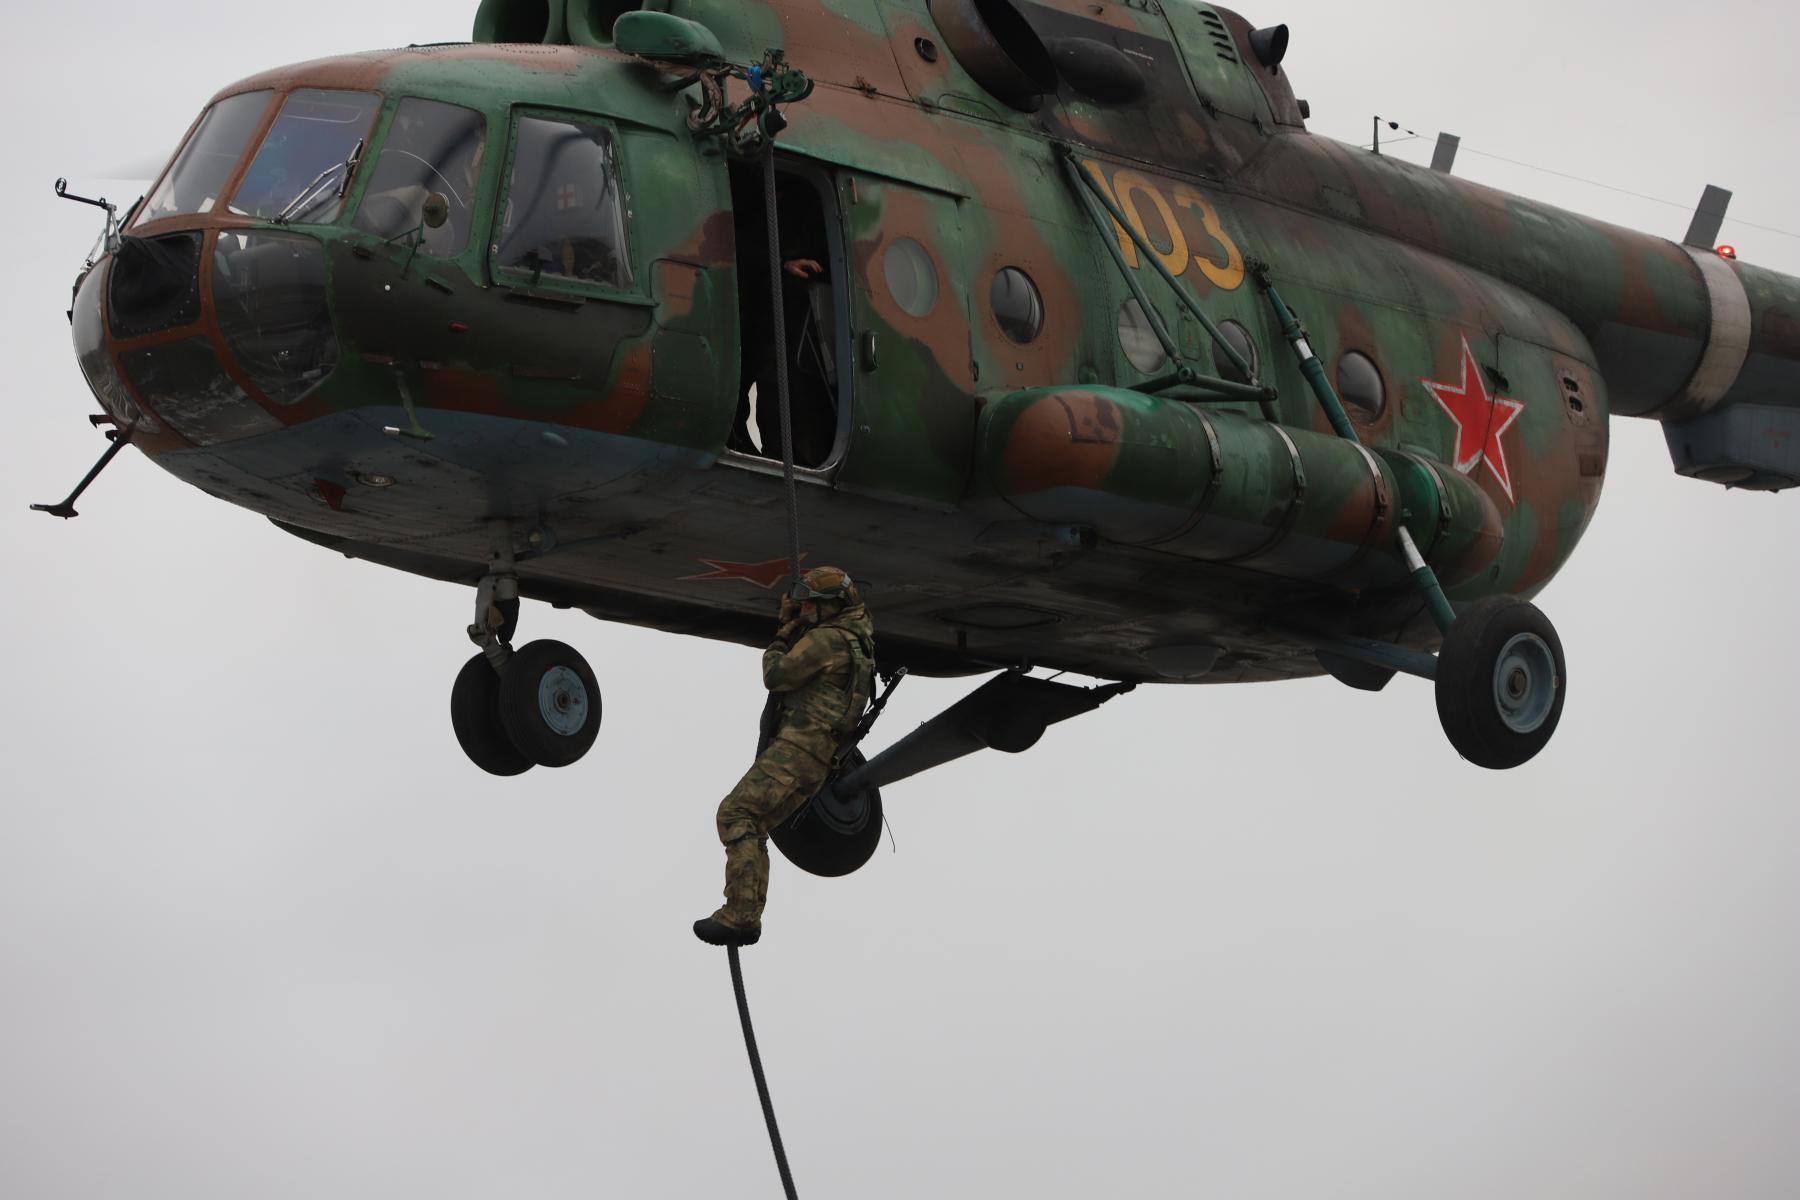 Фото Новосибирские спецназовцы вышли из вертолёта без парашютов: смотрим на лучшие кадры с учений 2